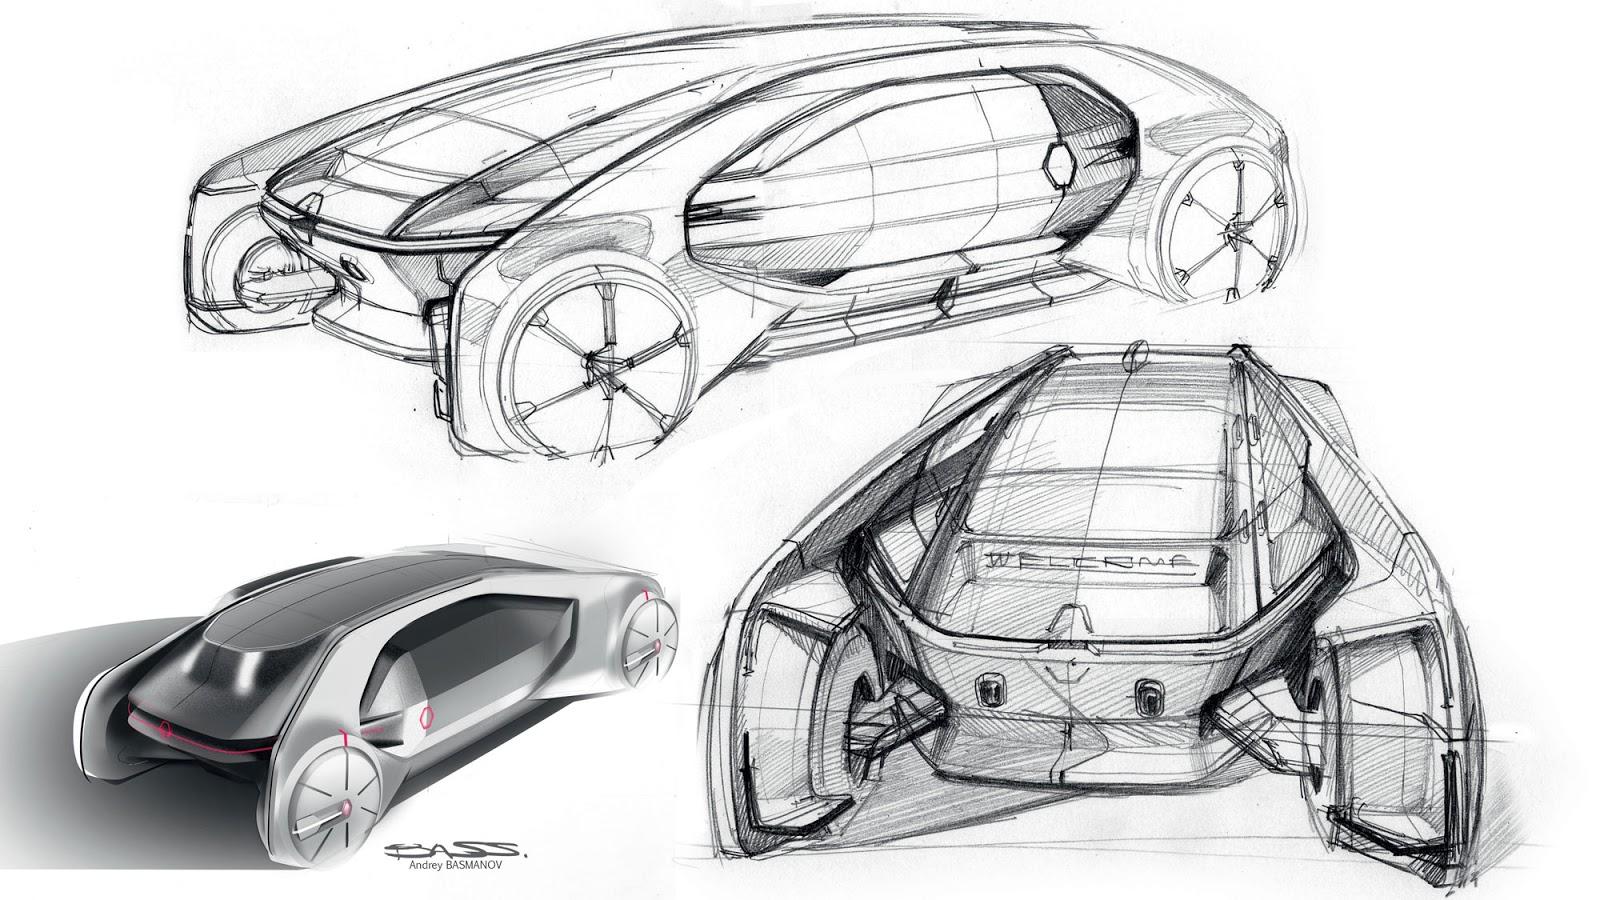 Renault EZ-GO Concept sketch by Andrey Basmanov